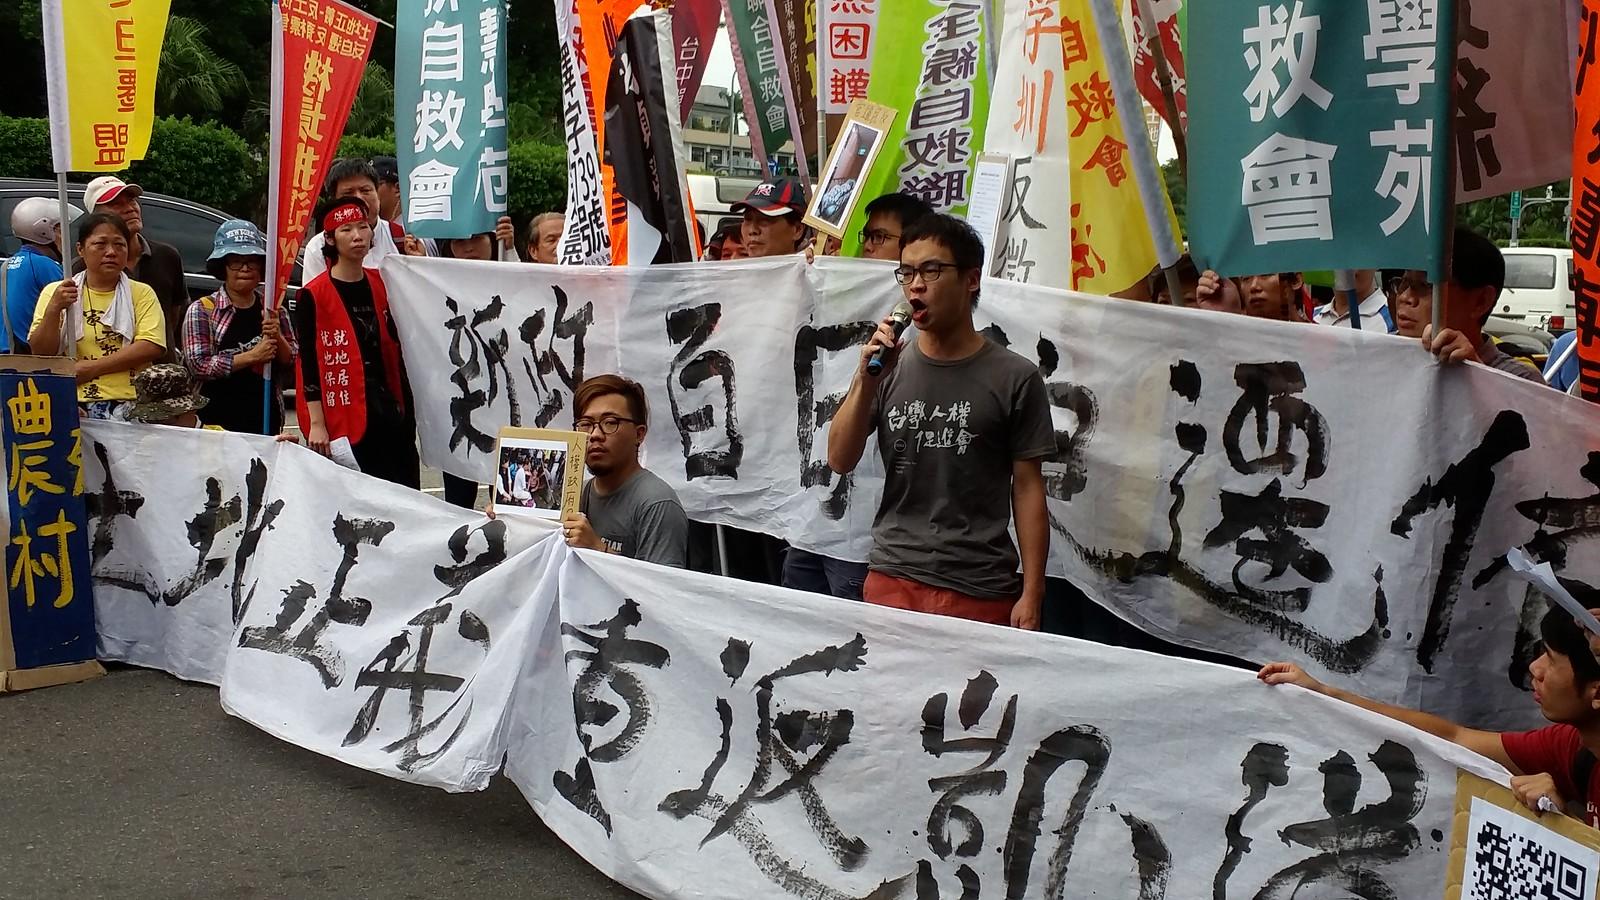 台灣人權促進會居住權專員林彥彤憤怒地質問,現在各地政府執行的迫遷案「有公共利益可言嗎?」(攝影:張智琦)